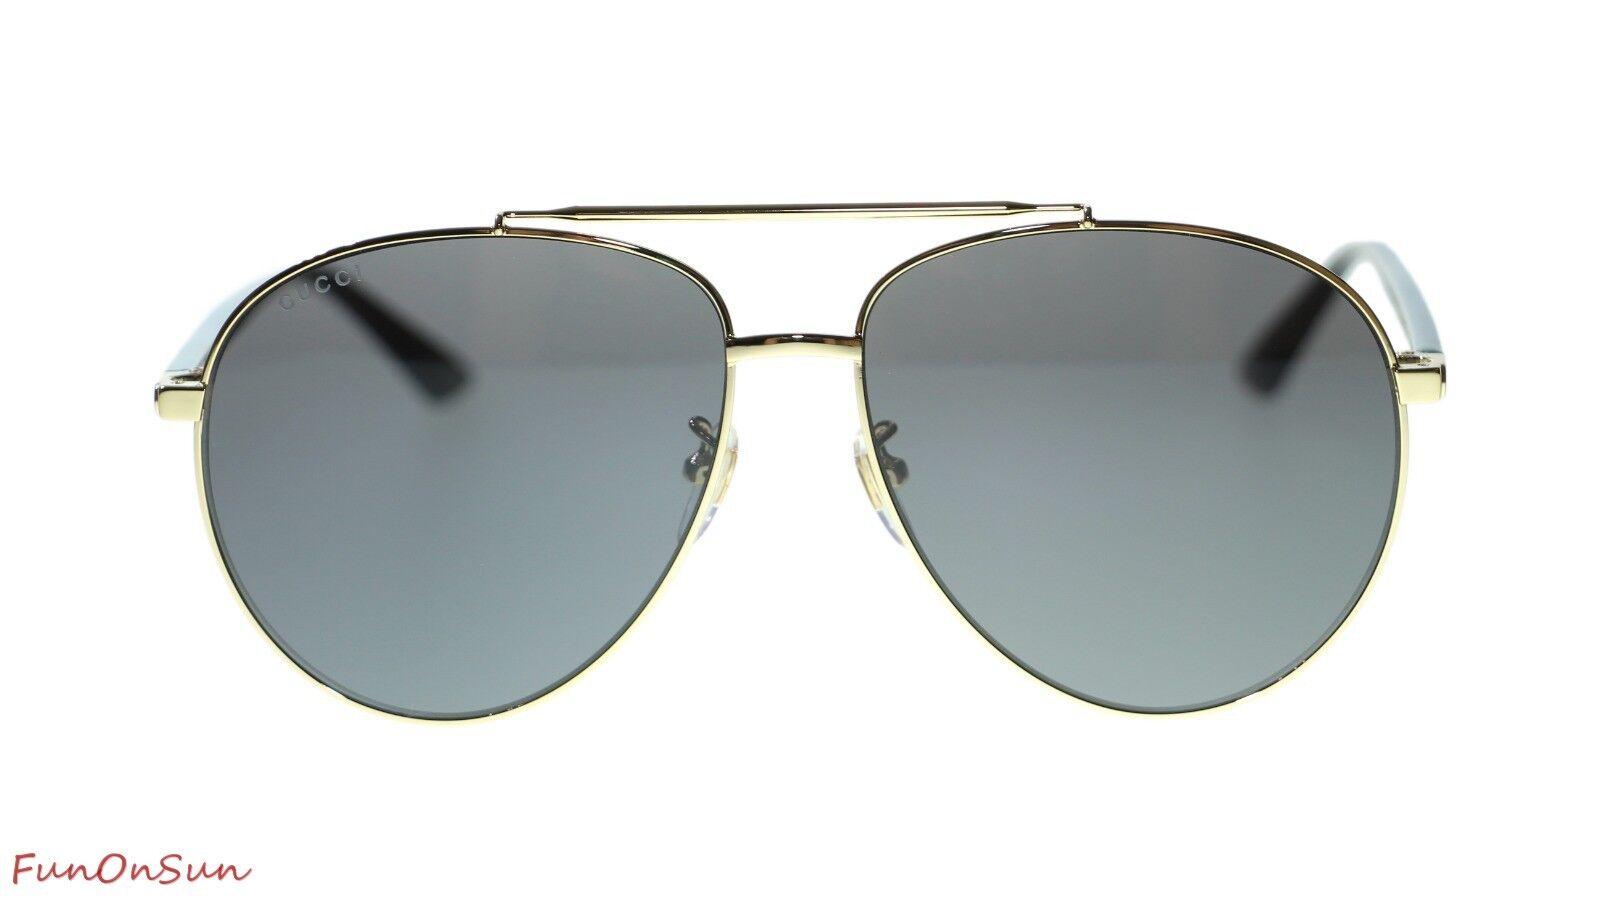 3a334b3d81094 NEW Gucci Men s Sunglasses GG0043SA 002 Gold Havana Grey Lens 61mm ...